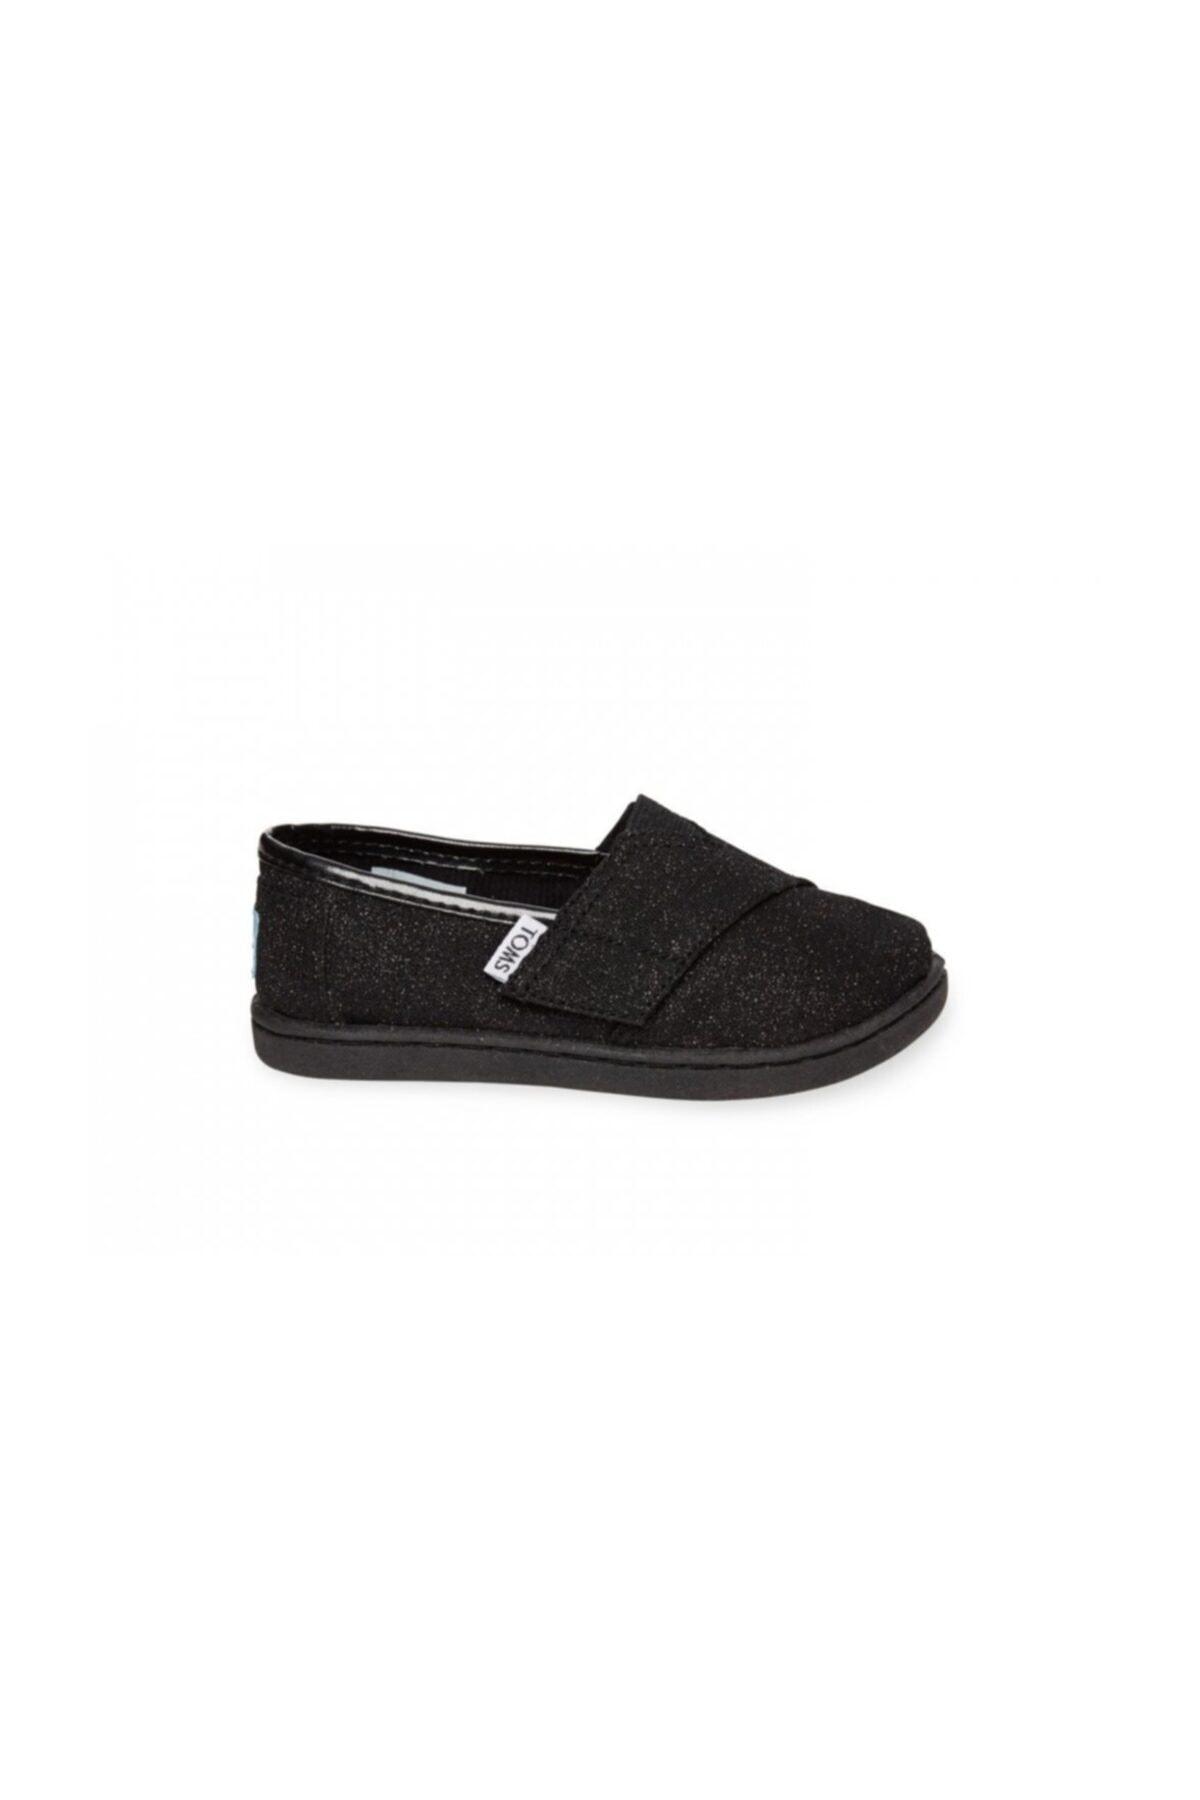 Bebek Ayakkabısı Black Glimmer